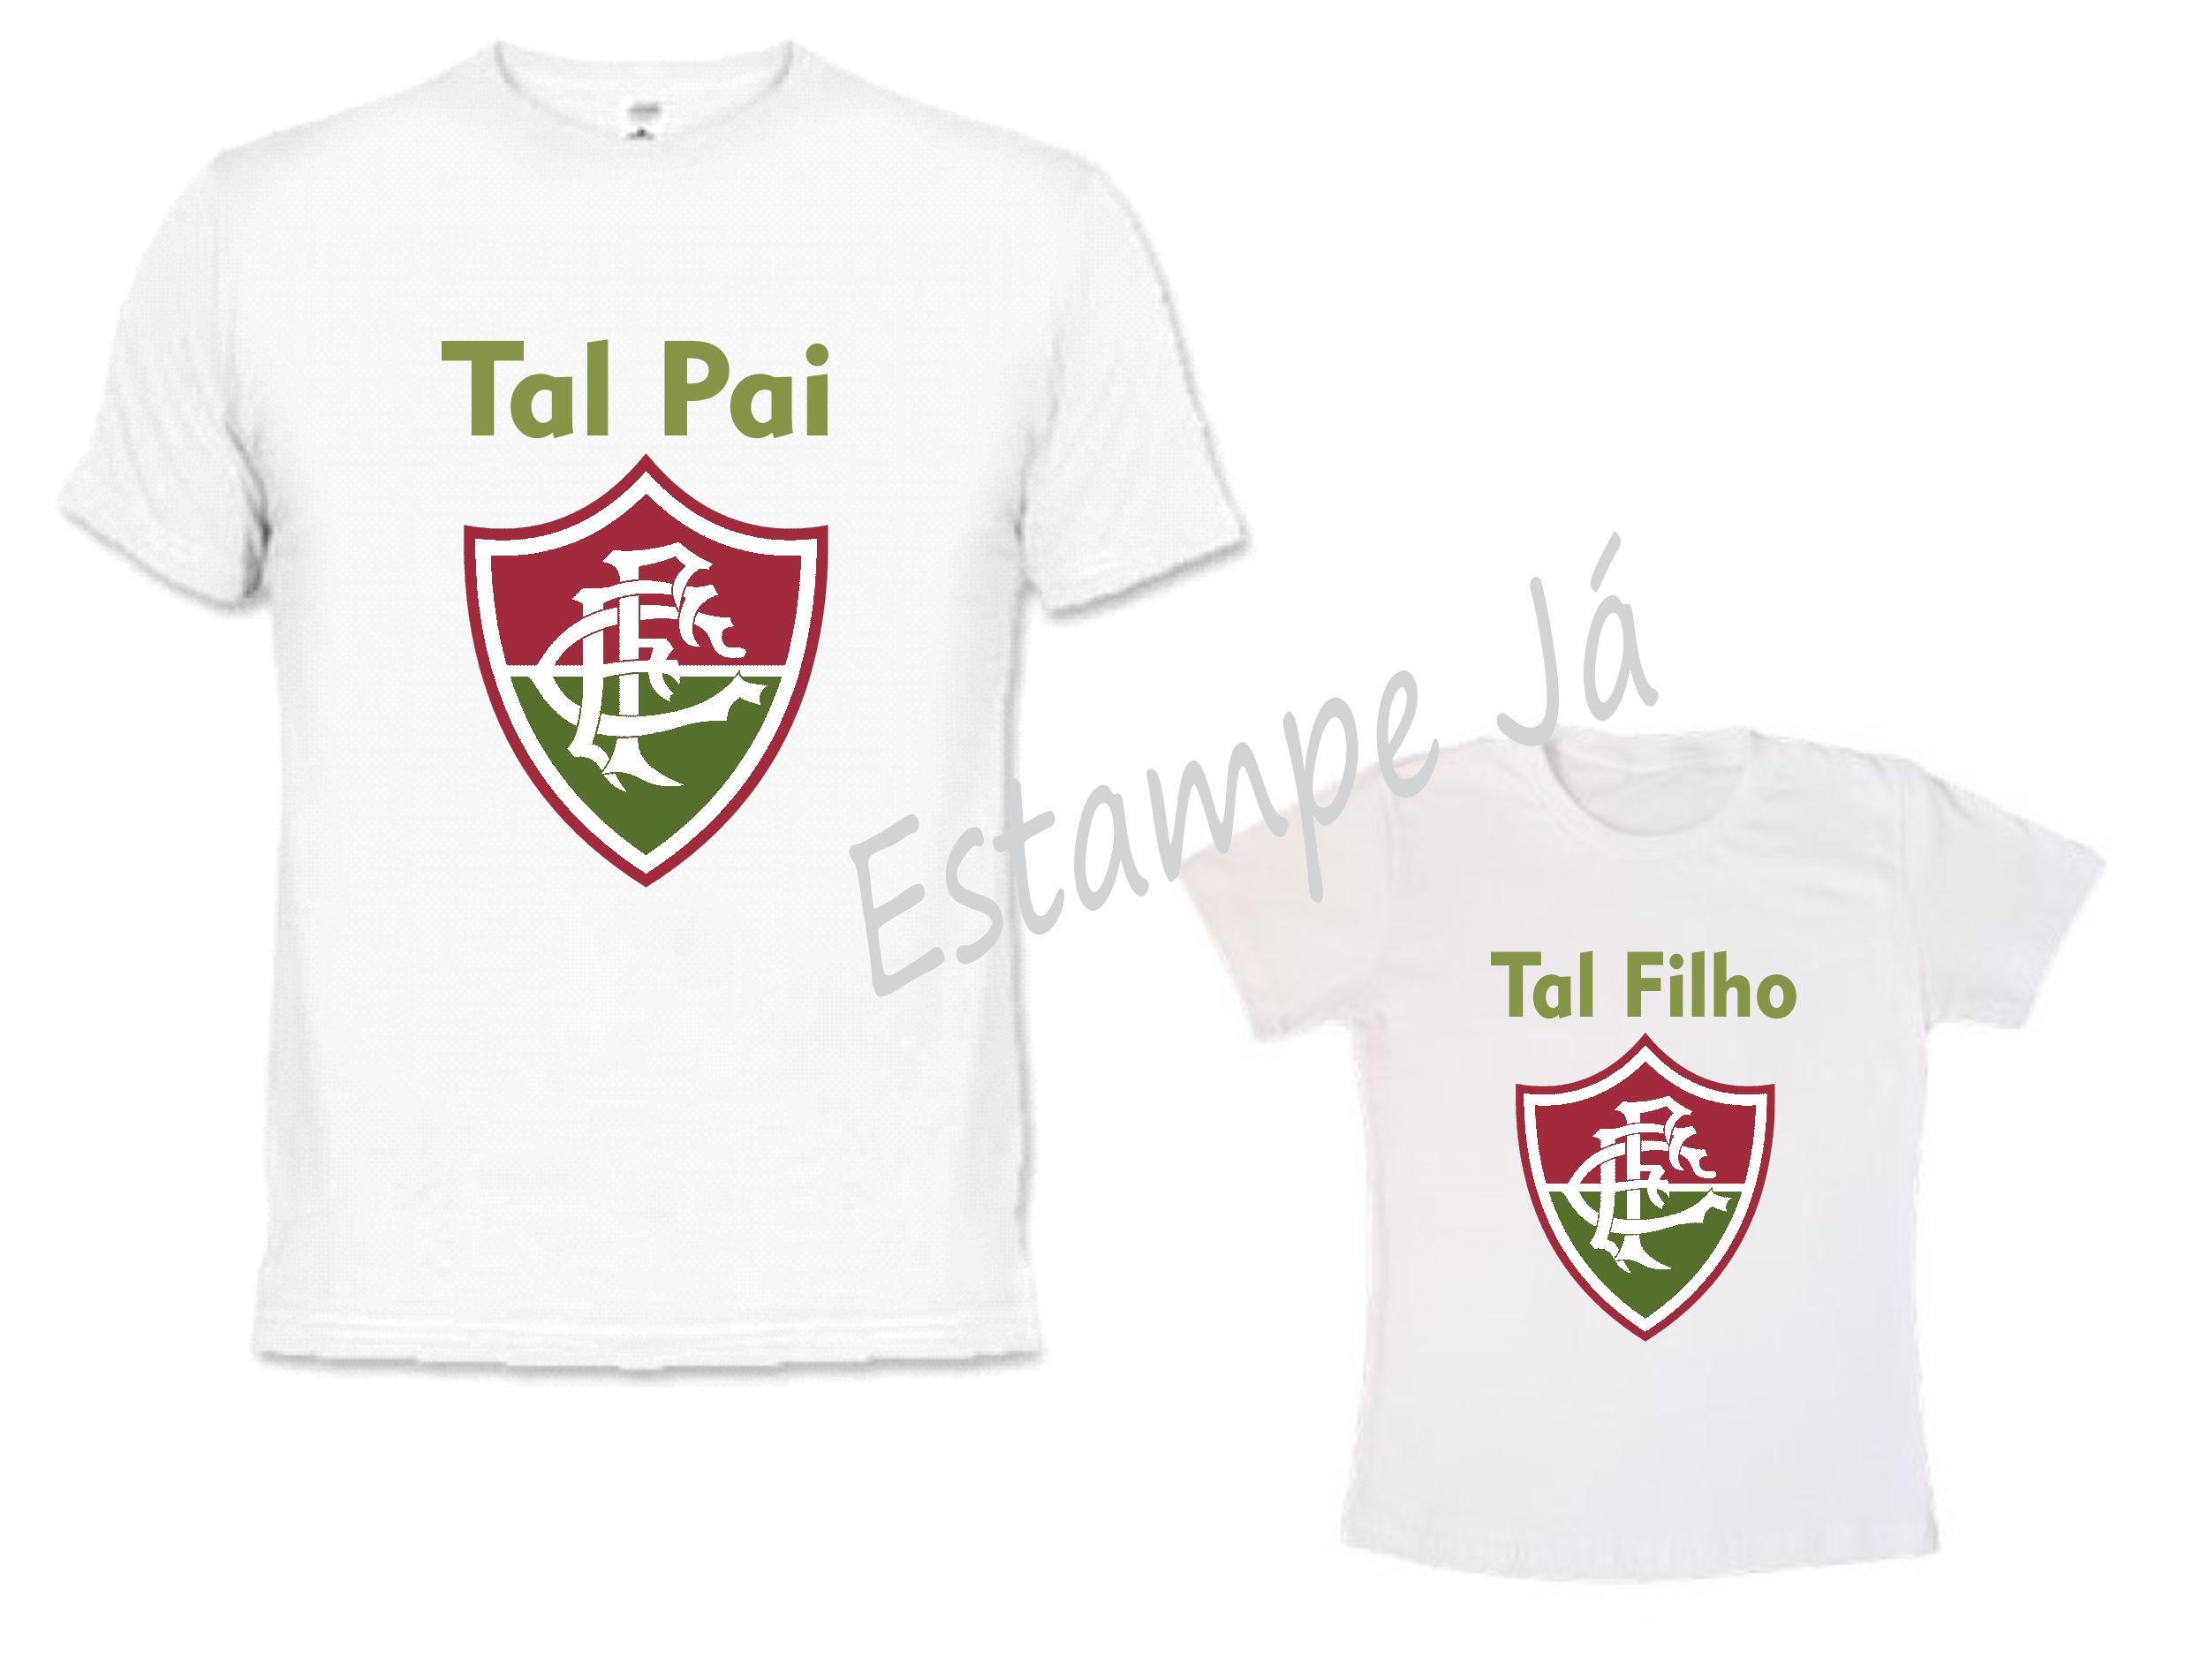 8d031866c8 Camisetas Personalizadas do Fluminense para o Dia dos Pais no Elo7 ...